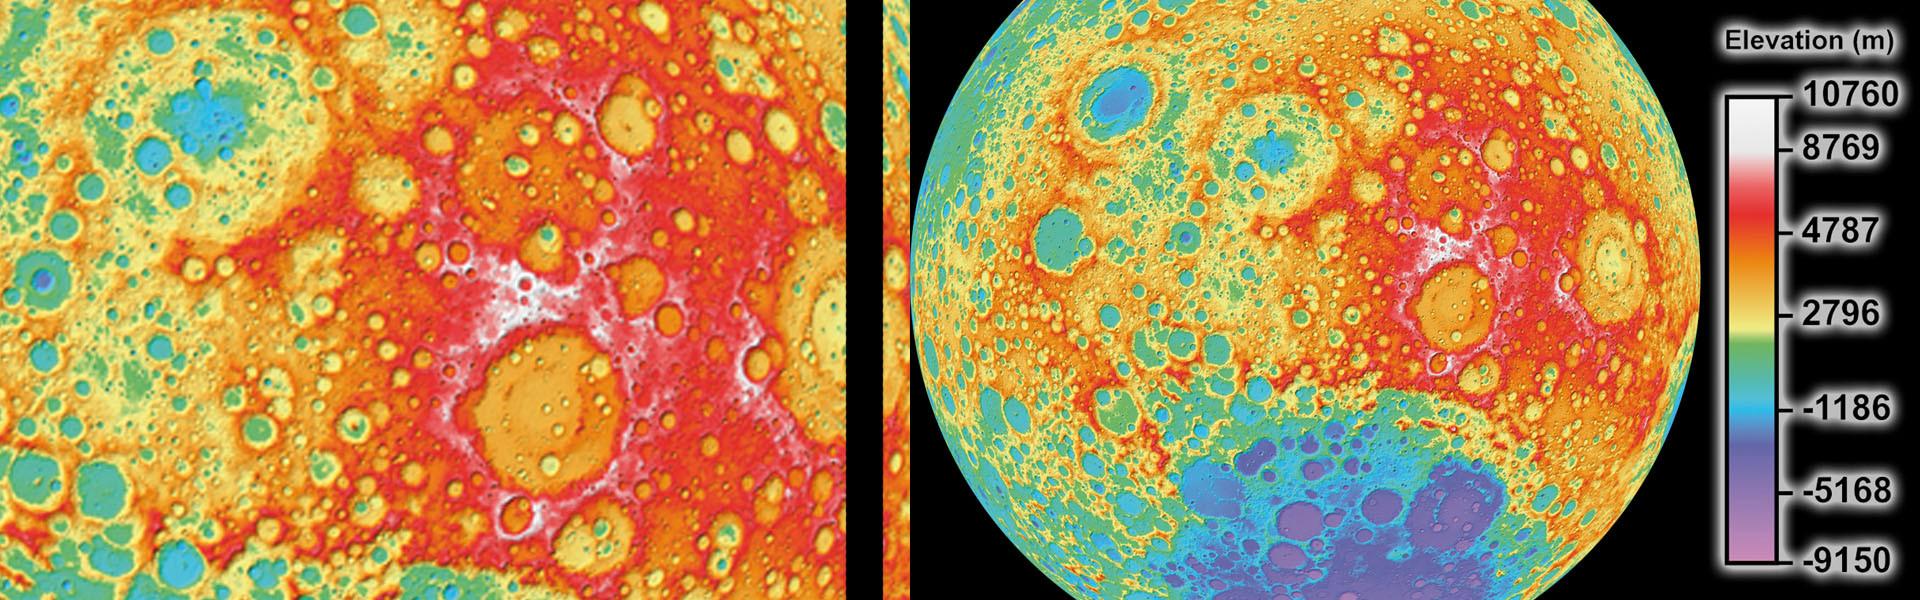 Die Erforschung des Mondes